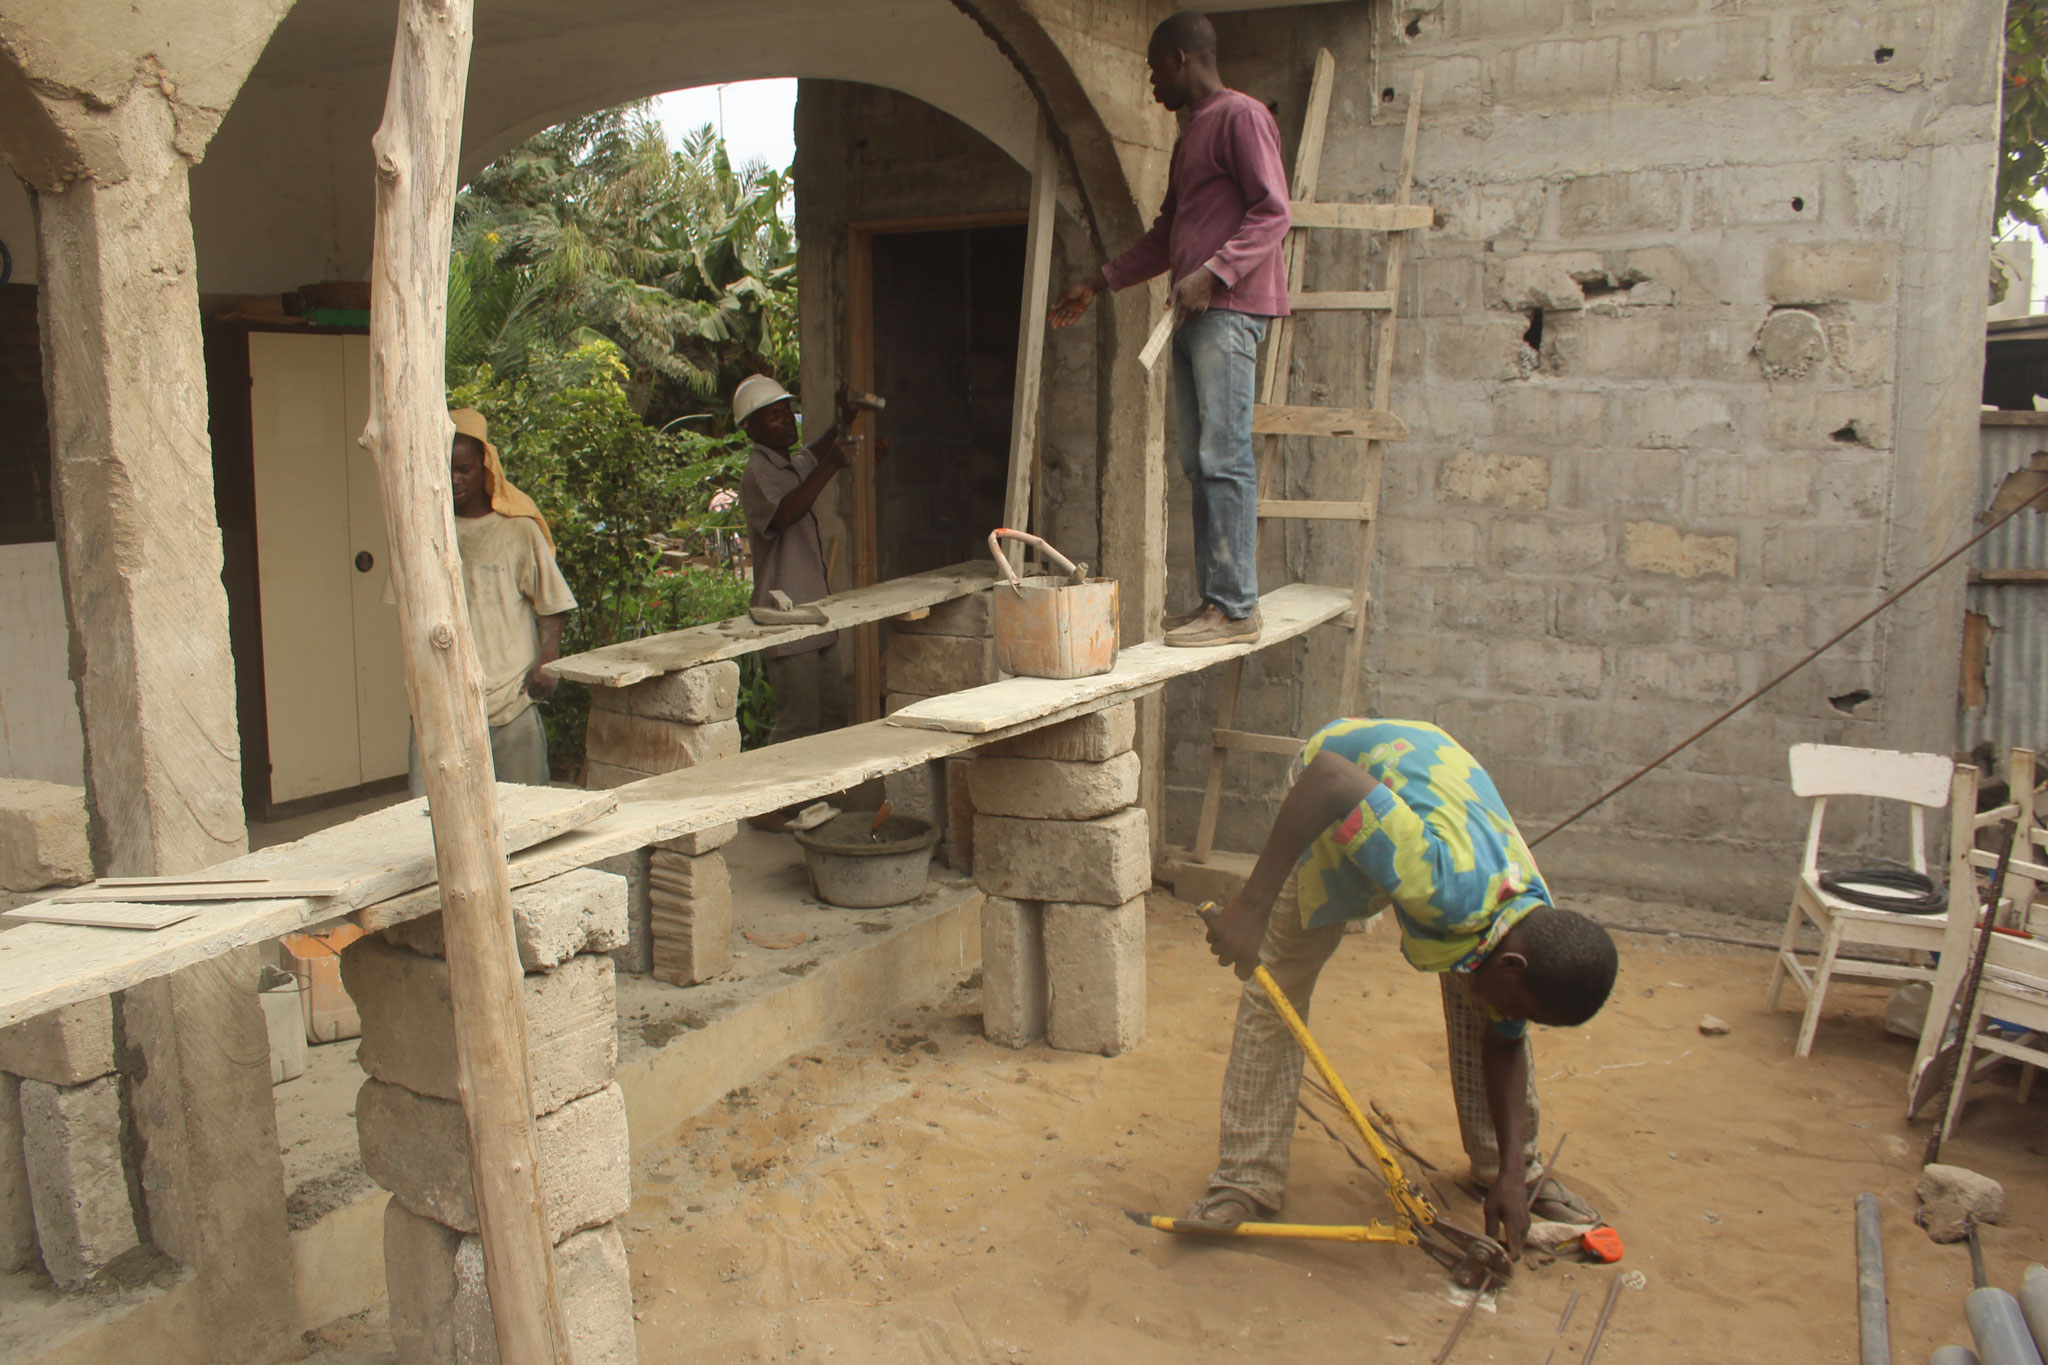 27.01.2015 Die Rundbögen der Terrasse werden verputzt. Was würde die Suva zum Gerüst sagen?